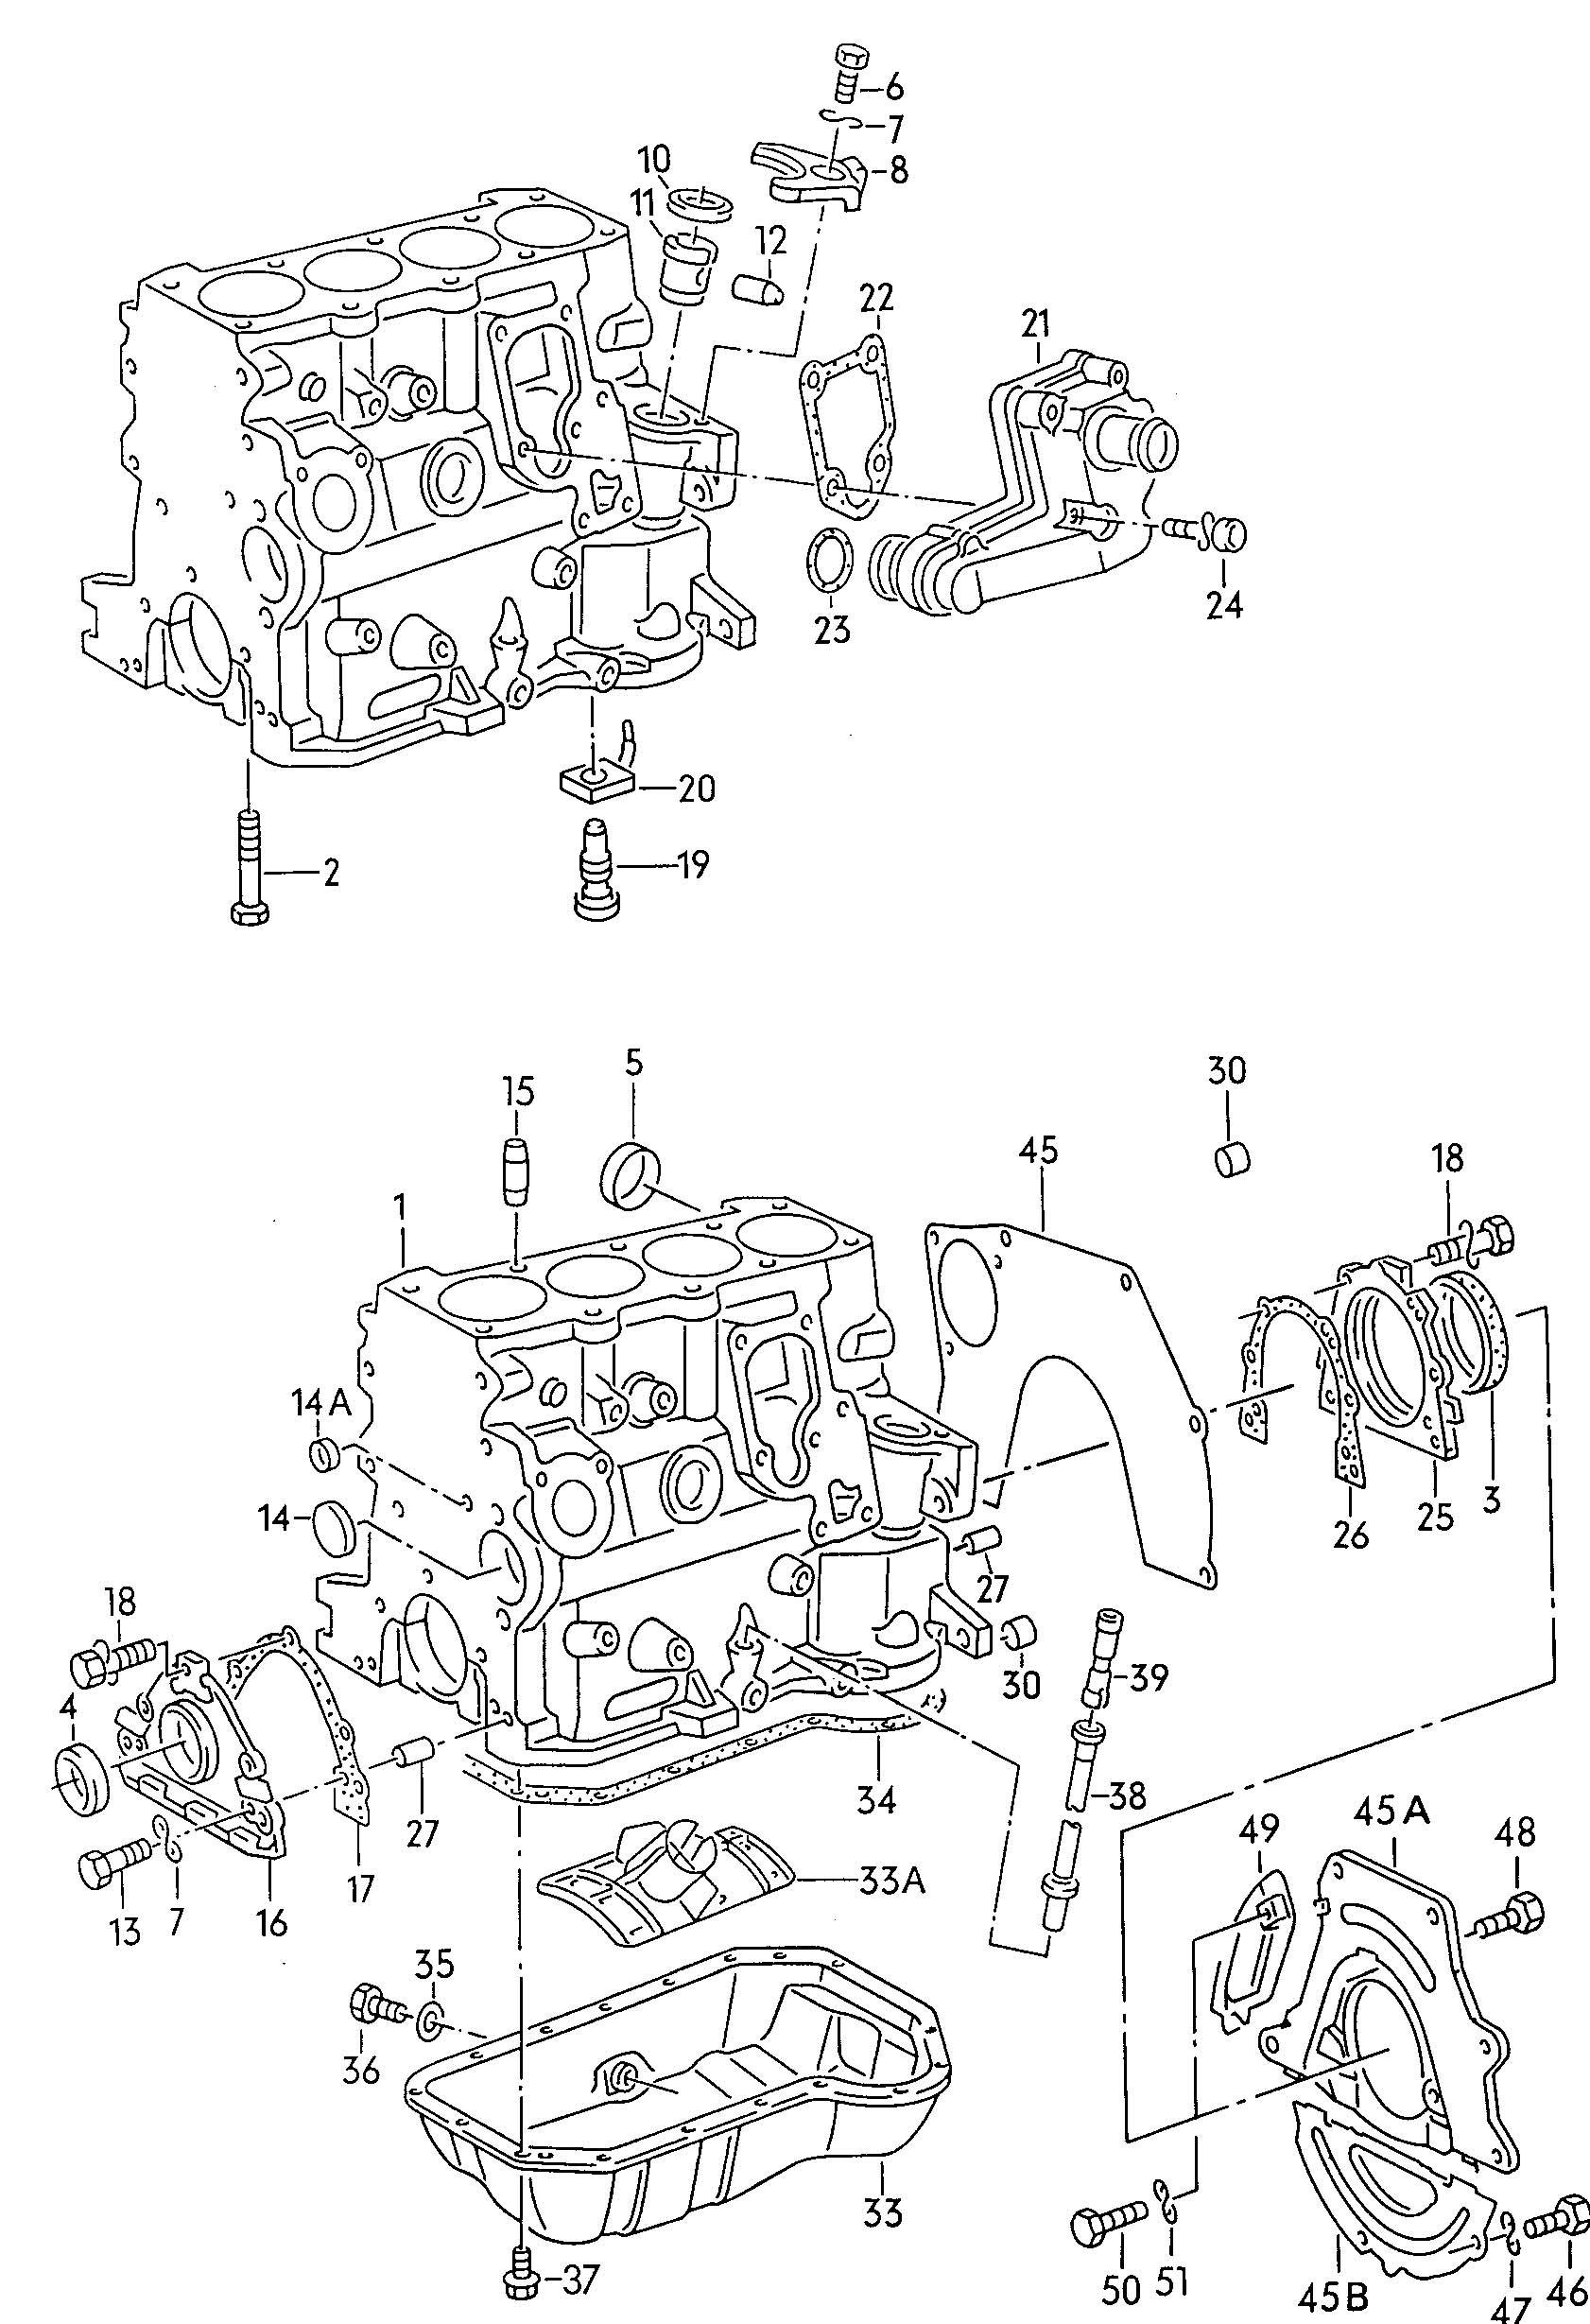 Vr6 Engine Diagram - Wiring Schema Collection